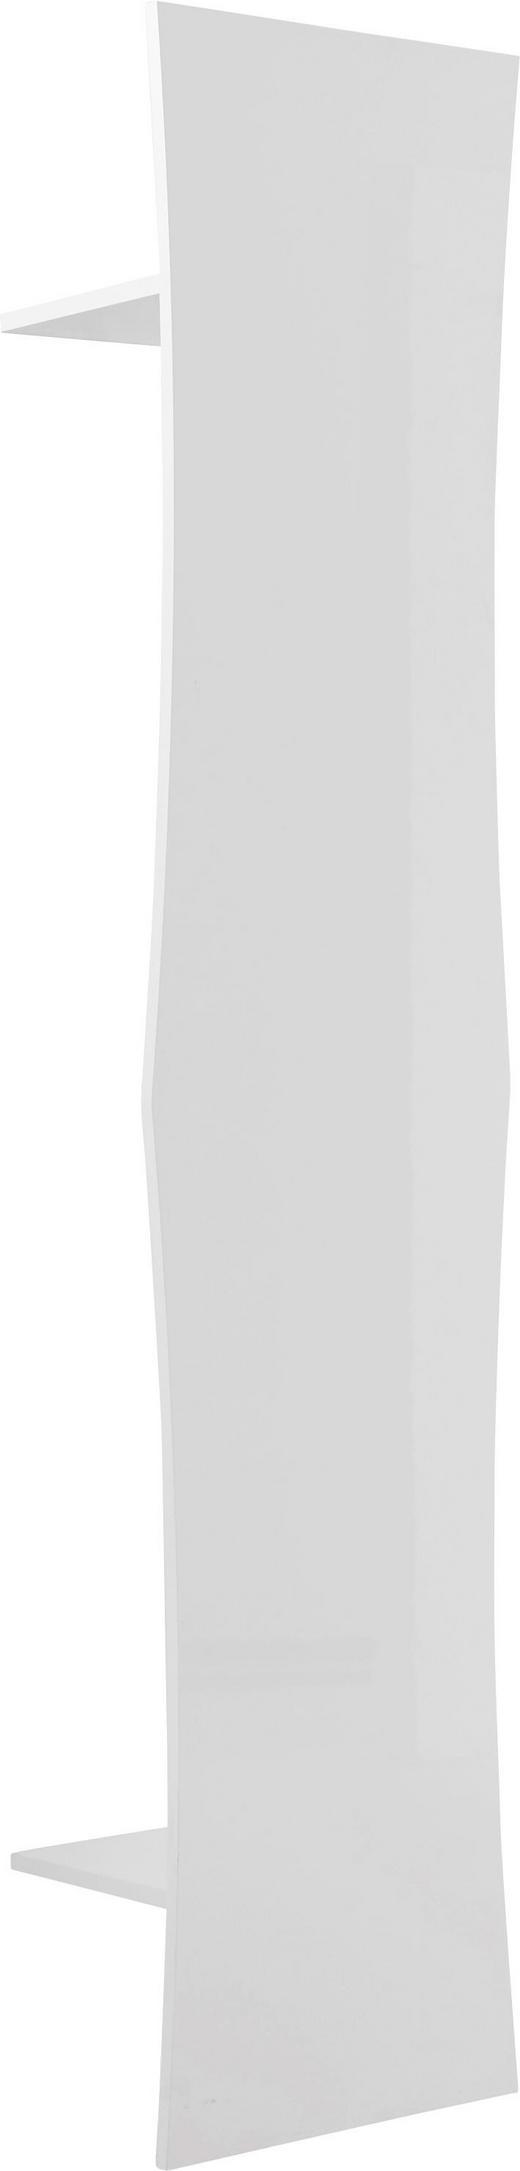 GARDEROBENPANEEL Hochglanz, lackiert Weiß - Weiß, Design (42/185/28cm) - Voleo